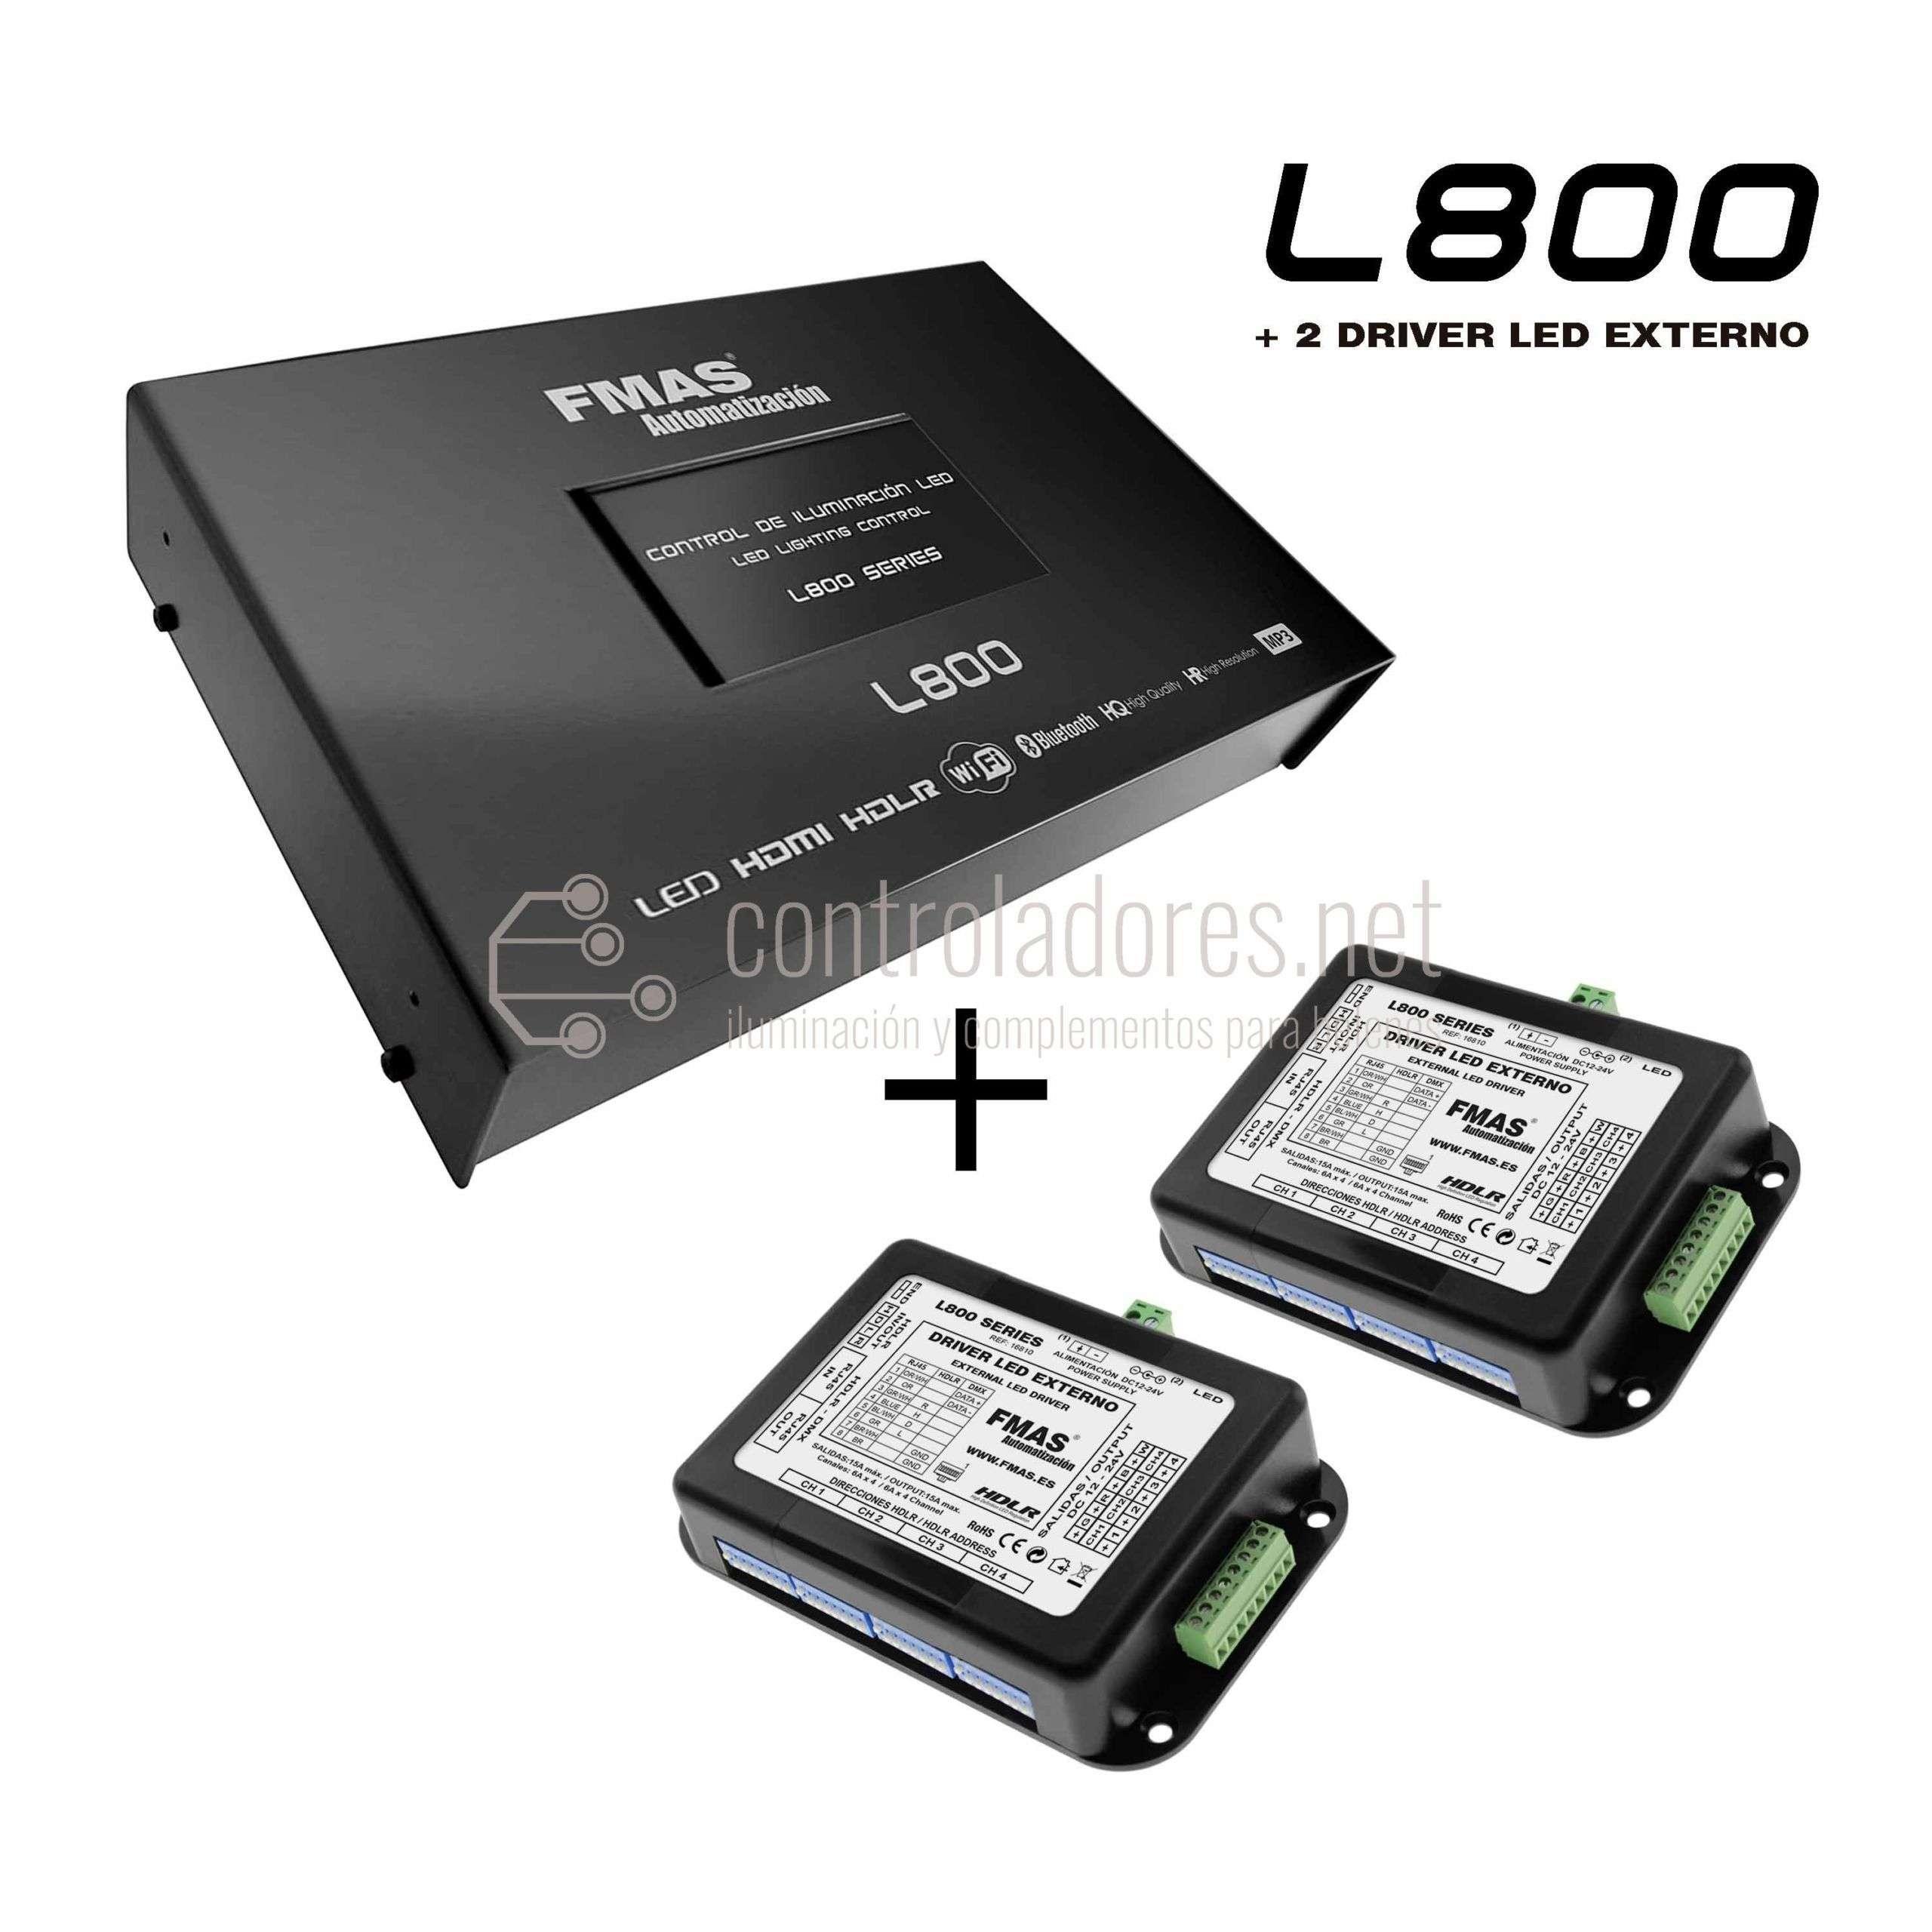 Control de iluminación LED L800 + 2 DRIVER